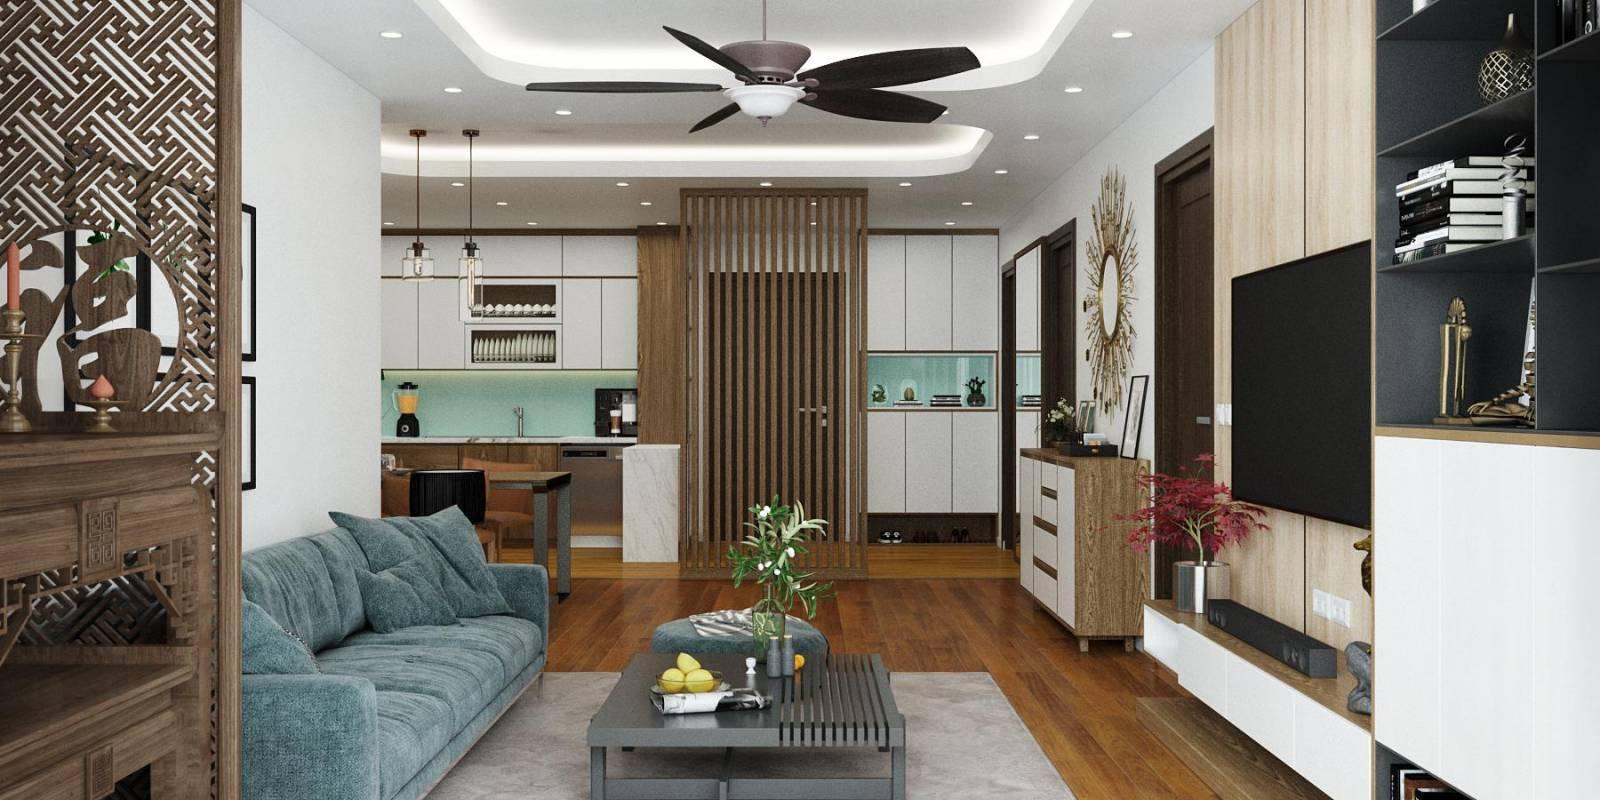 Mẫu thiết kế nội thất căn hộ chung cư đẹp nhất phù hợp mọi gia chủ